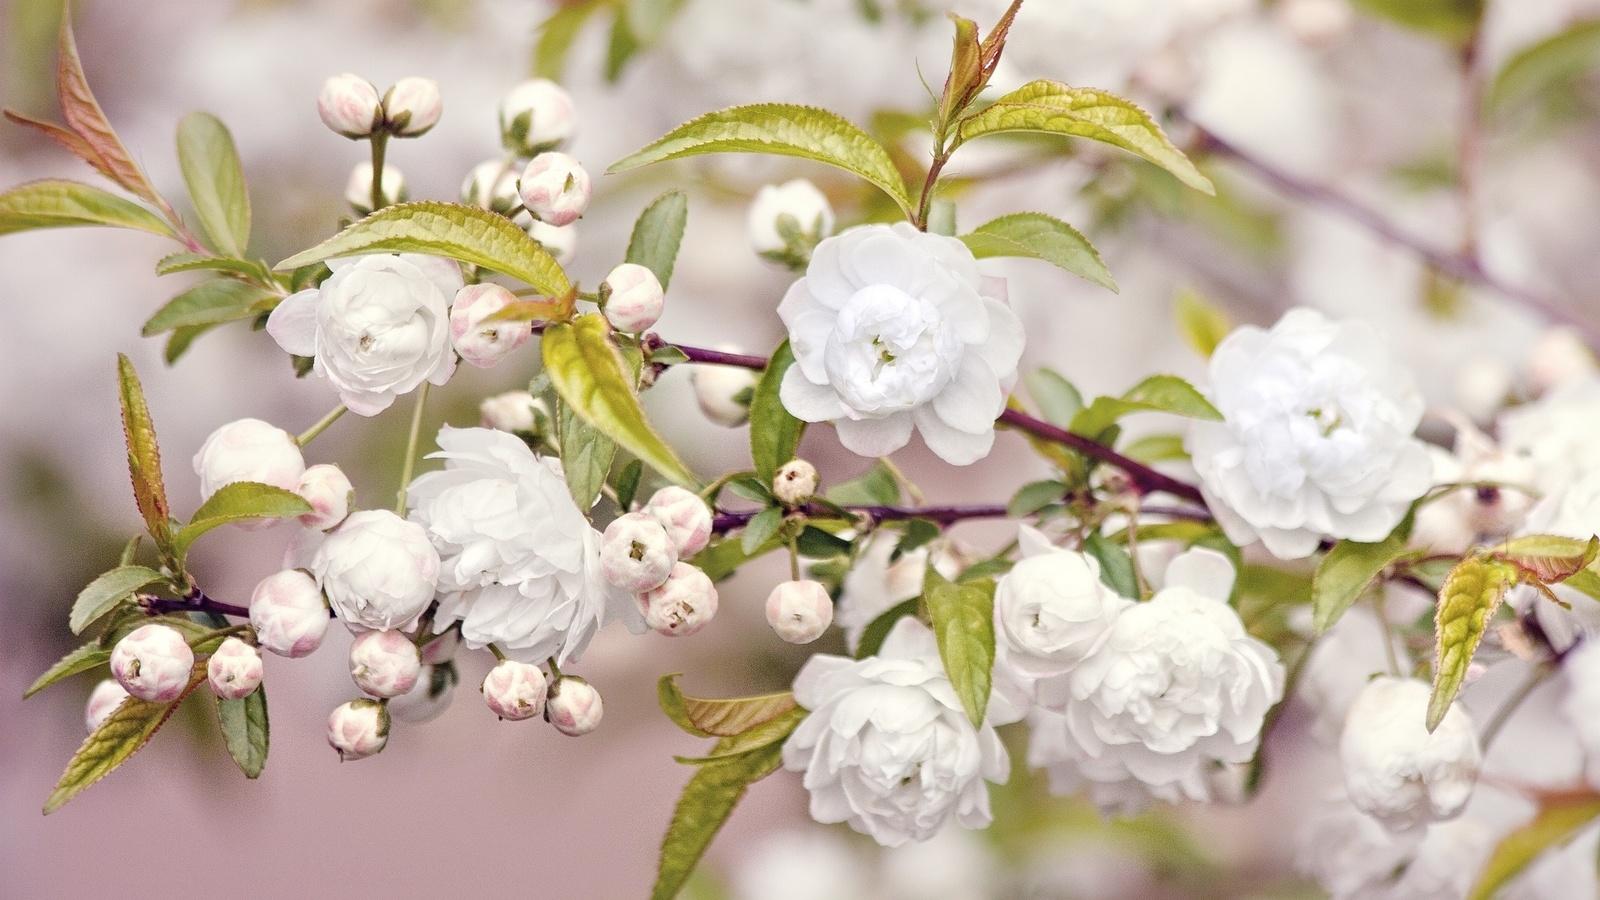 белые, листья, весна, ветка, Цветение, природа, цветы